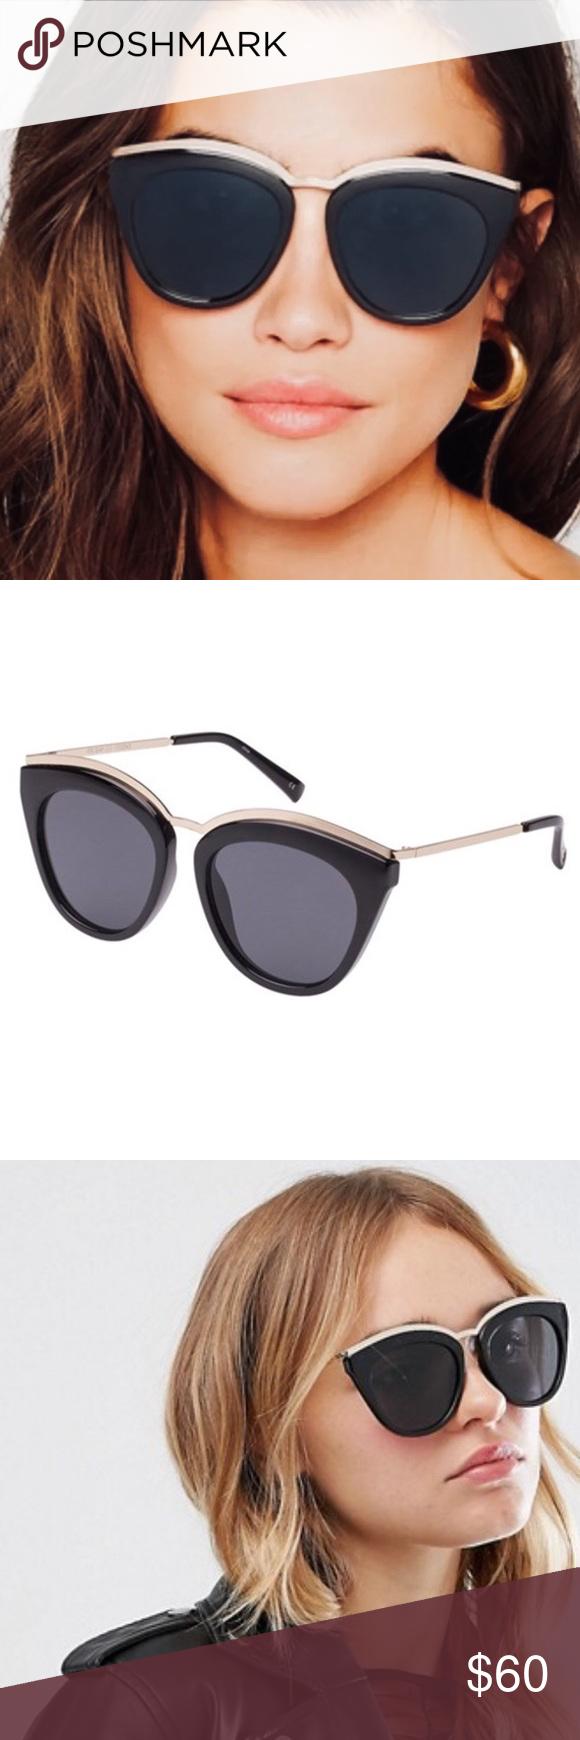 edfc2bff0b72b Le Specs Eye Slay Cat Eye Sunglasses Black NWT Le Specs Eye Slay Cat Eye  Sunglasses